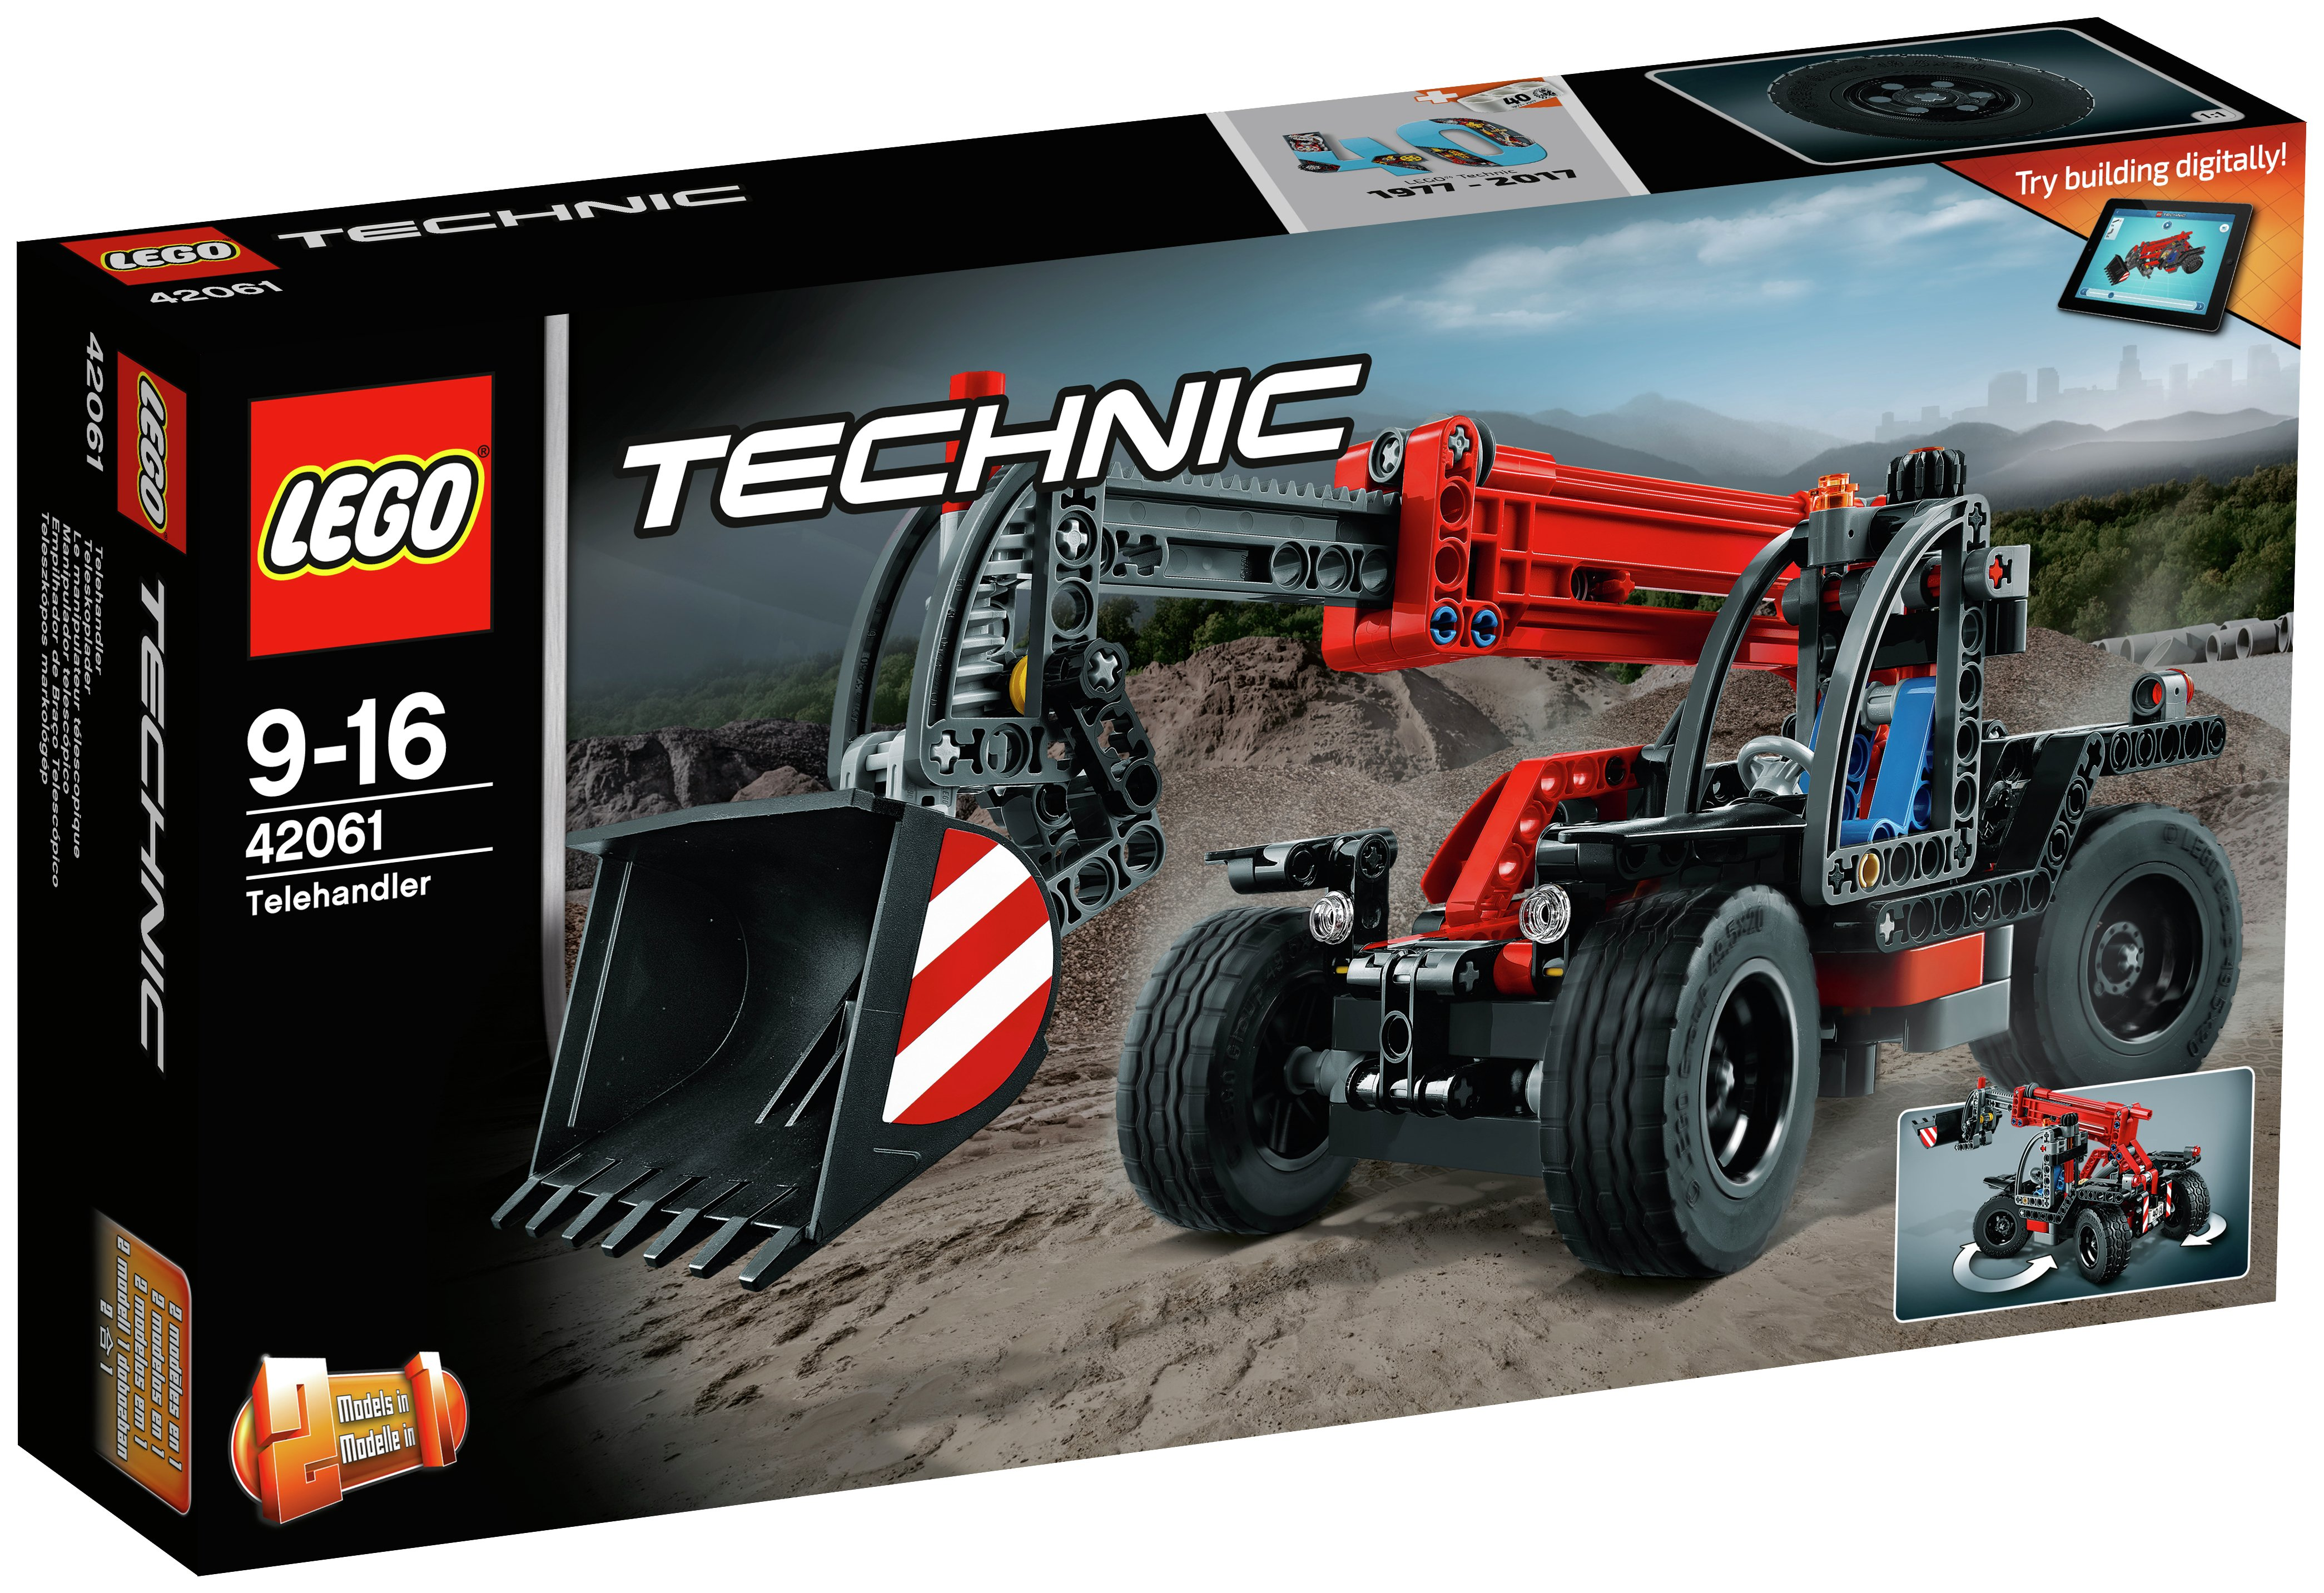 LEGO Technic Telehandler - 42061.